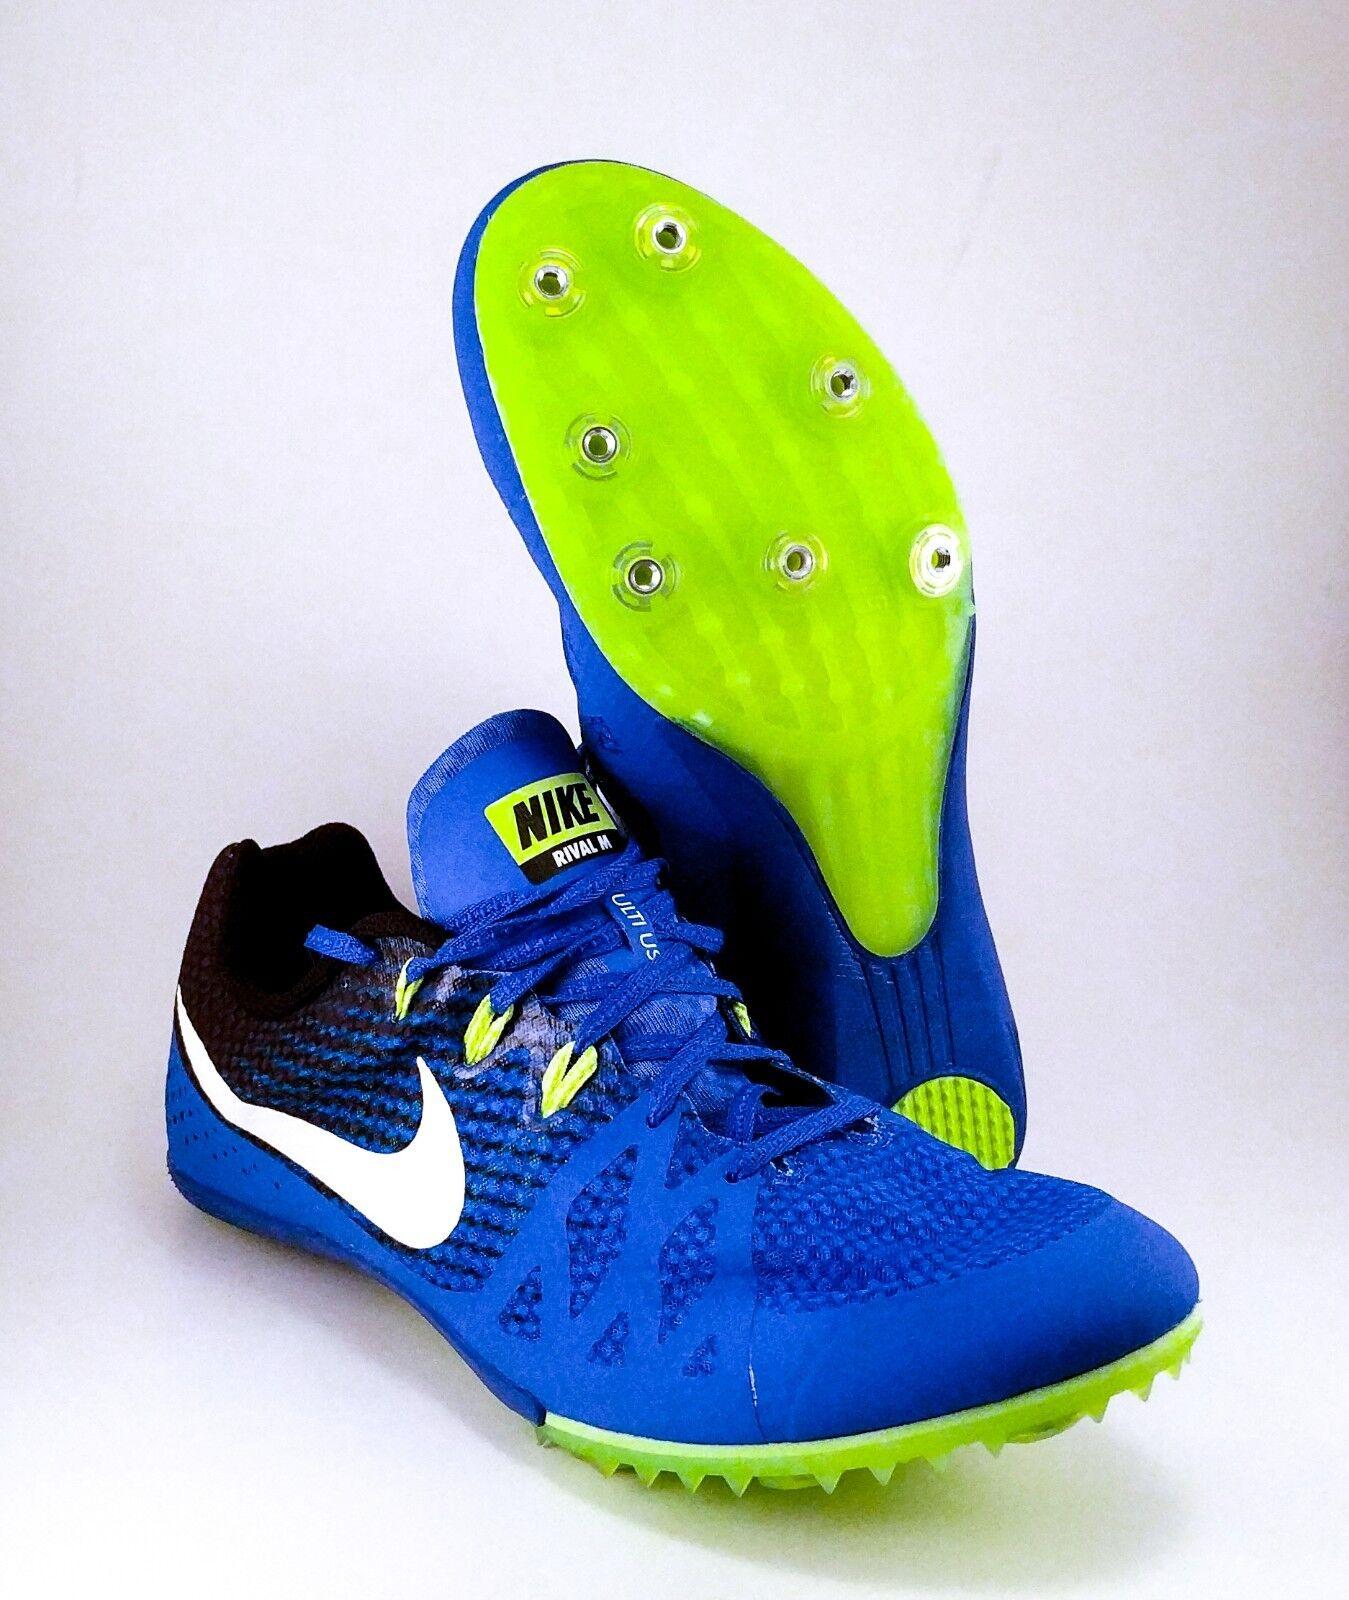 Nike zoom rivale m 8 tracce scarpe scarpe scarpe mens dimensioni 13 p   spuntoni 806555-413 - libera la priorità | Per Vincere Elogio Caldo Dai Clienti  ee2444